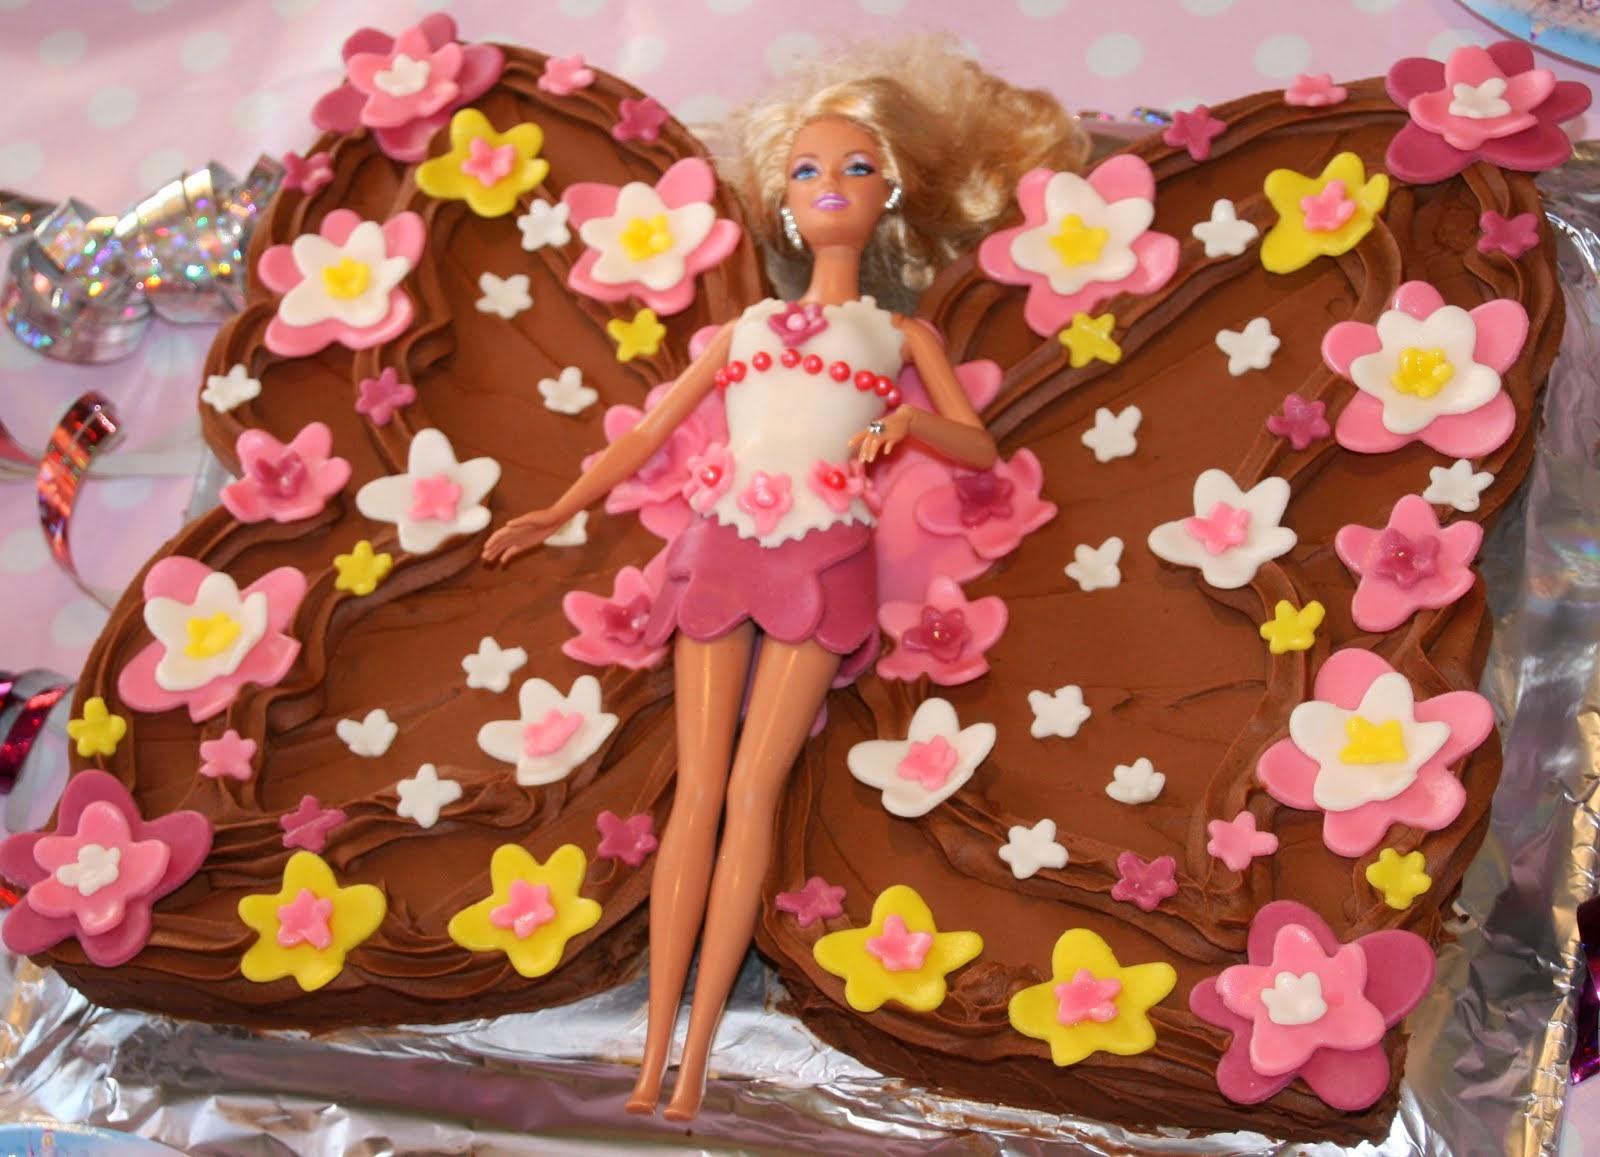 Fe kake